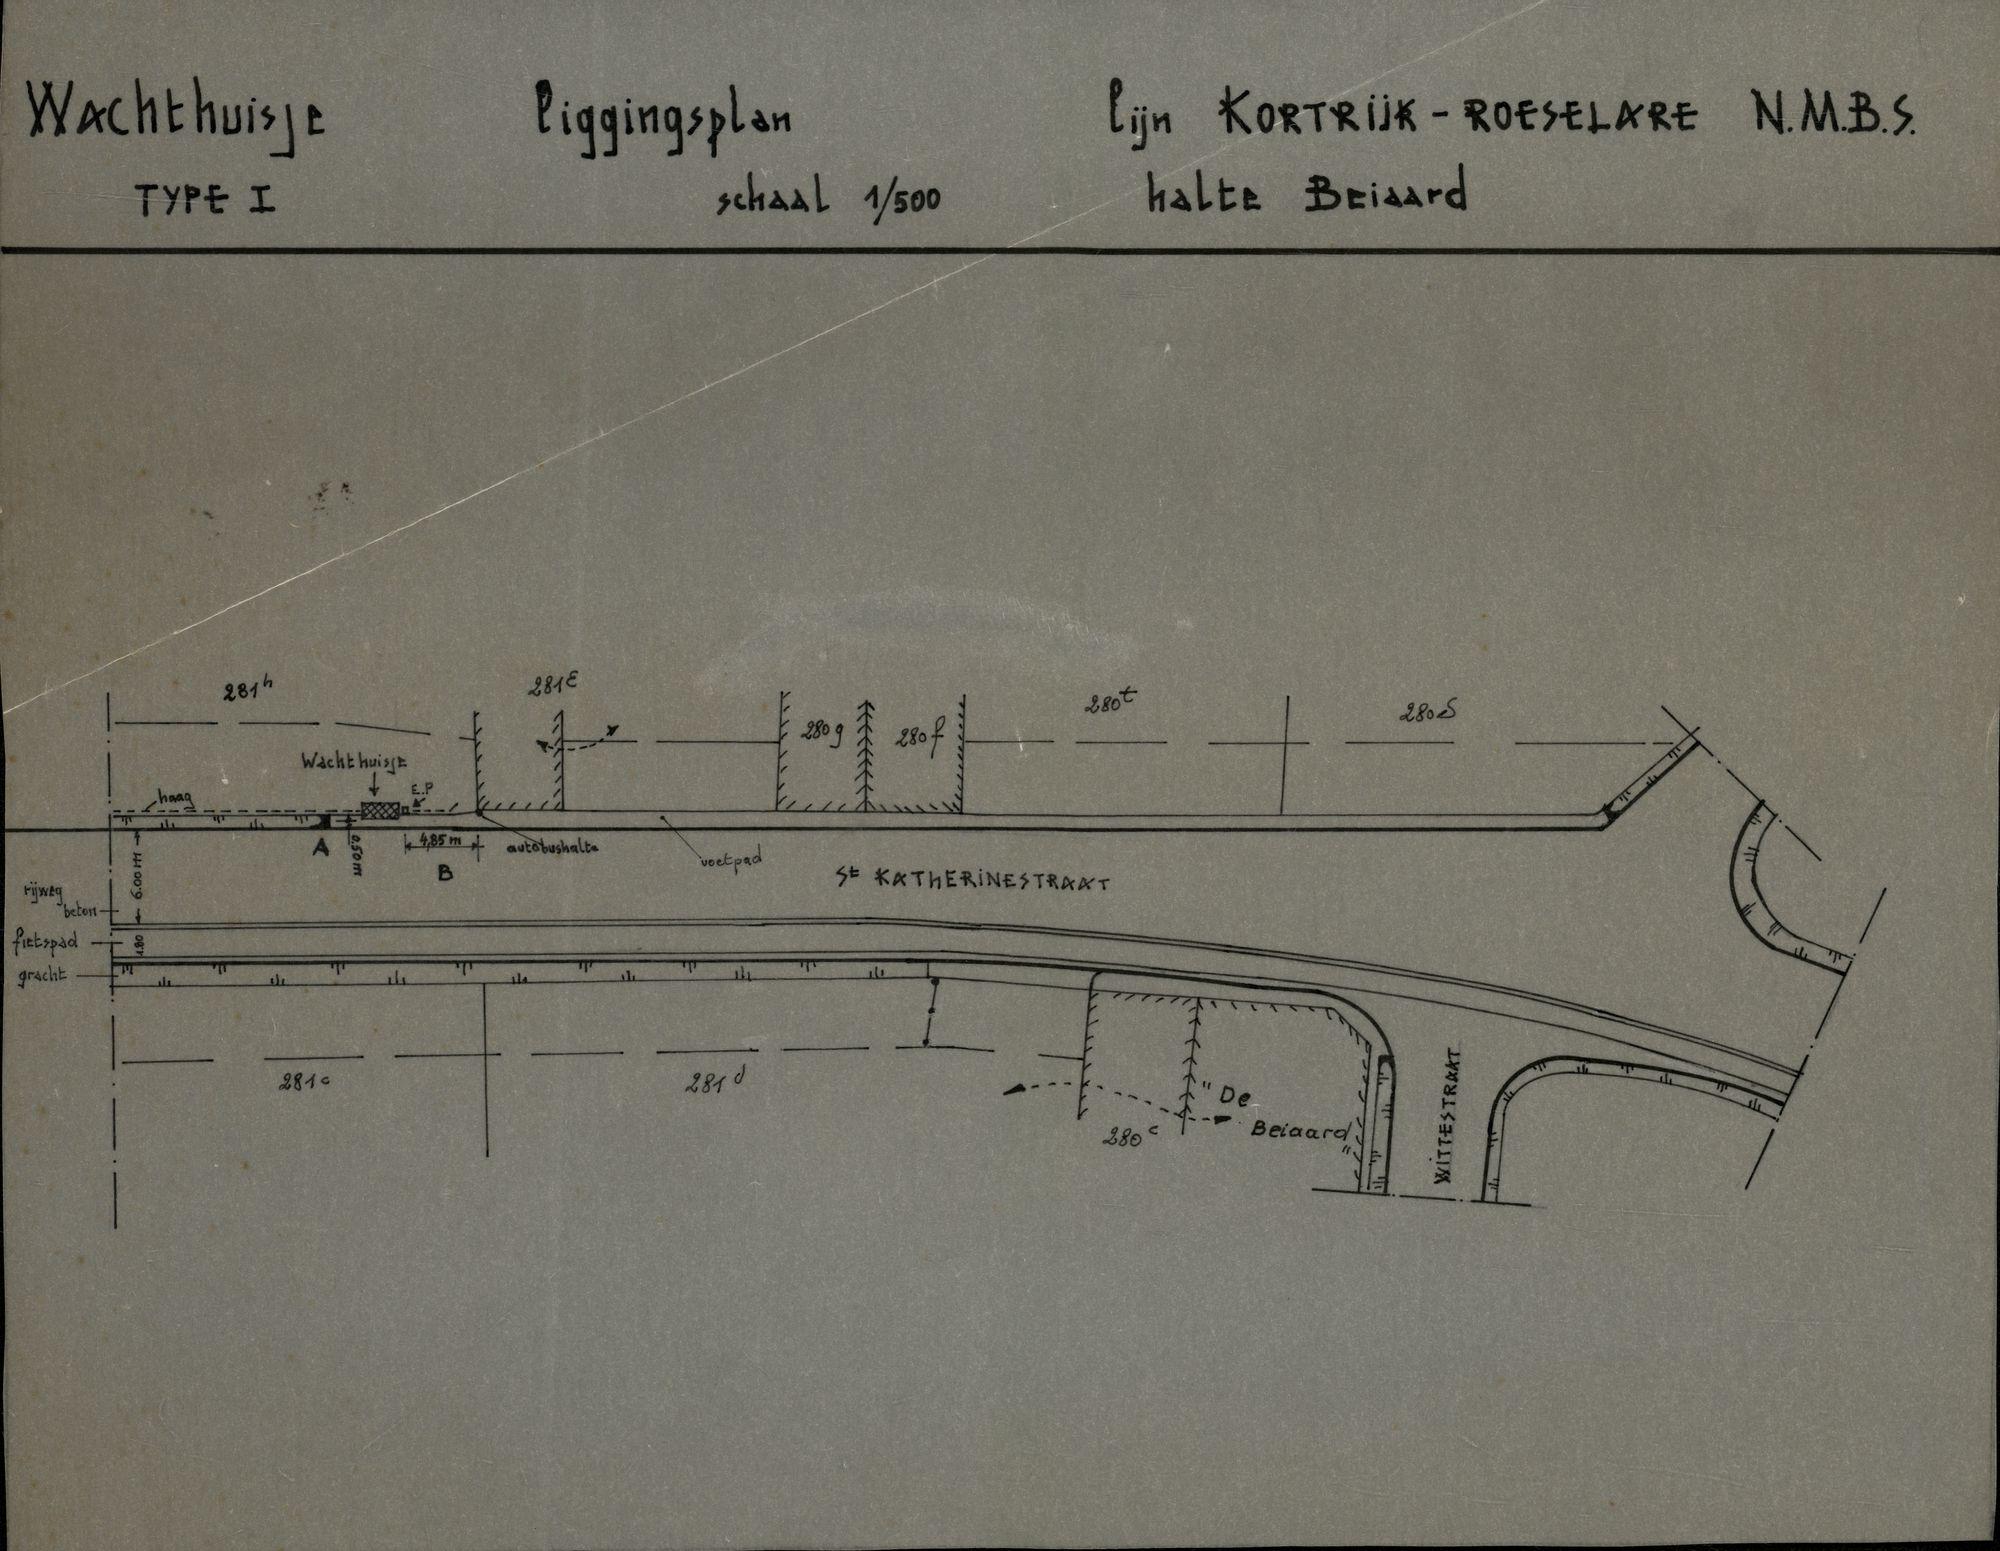 Plan van de bushalte Beiaard op de lijn Kortrijk-Roeselare te Heule, 2de helft 20ste eeuw